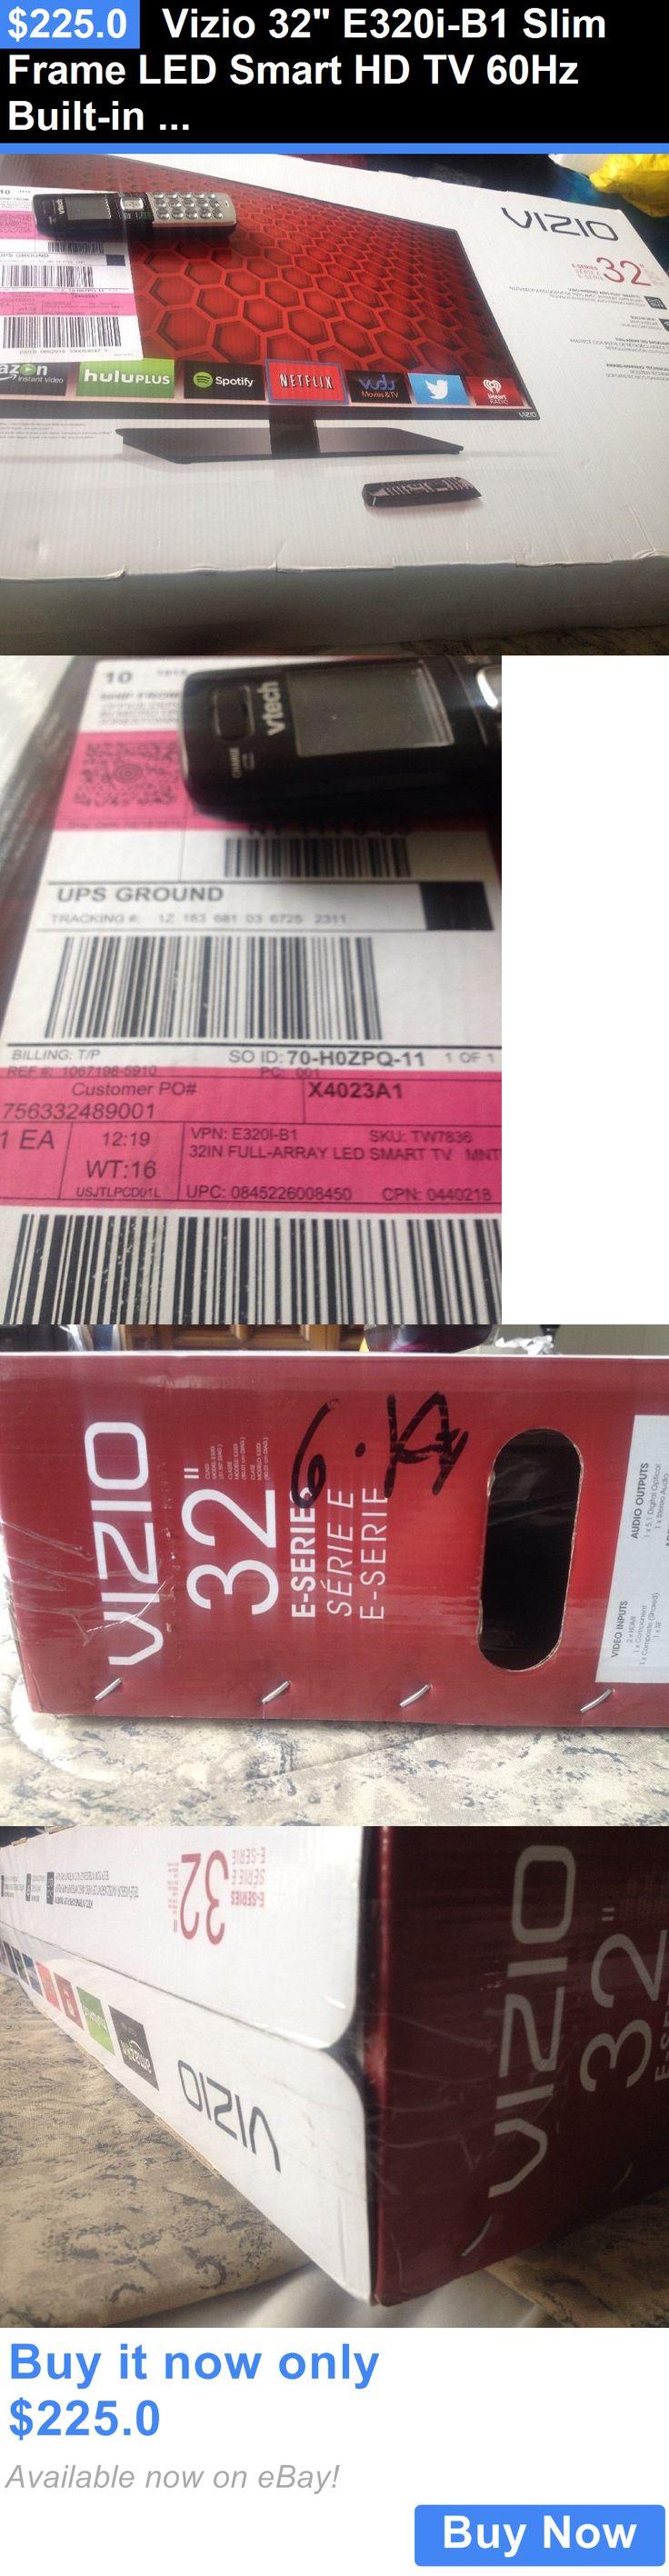 Smart TV: Vizio 32 E320i-B1 Slim Frame Led Smart Hd Tv 60Hz Built-In Wifi Brand New!! BUY IT NOW ONLY: $225.0